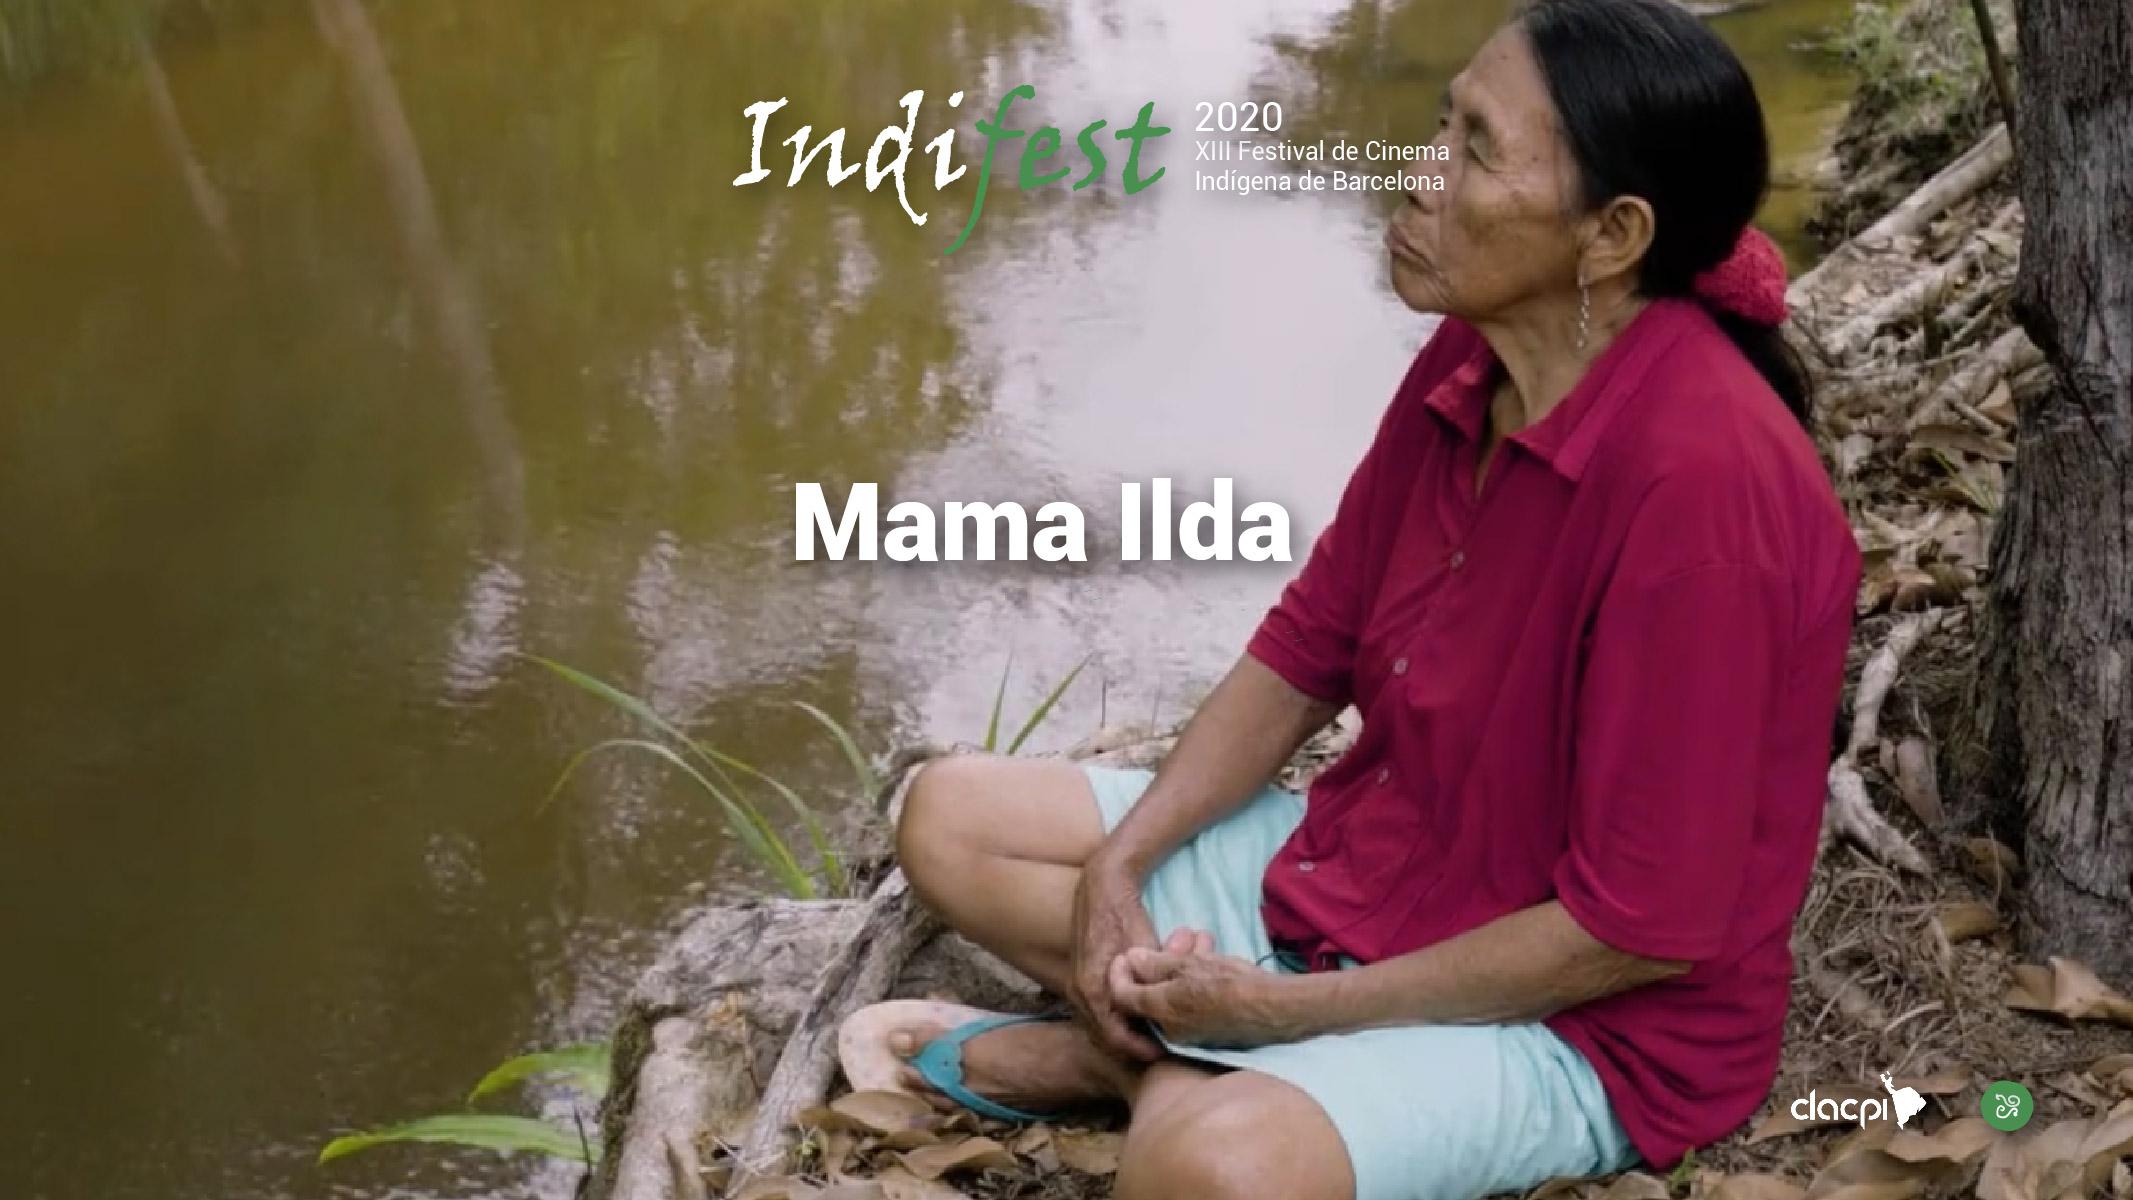 Mama Ilda